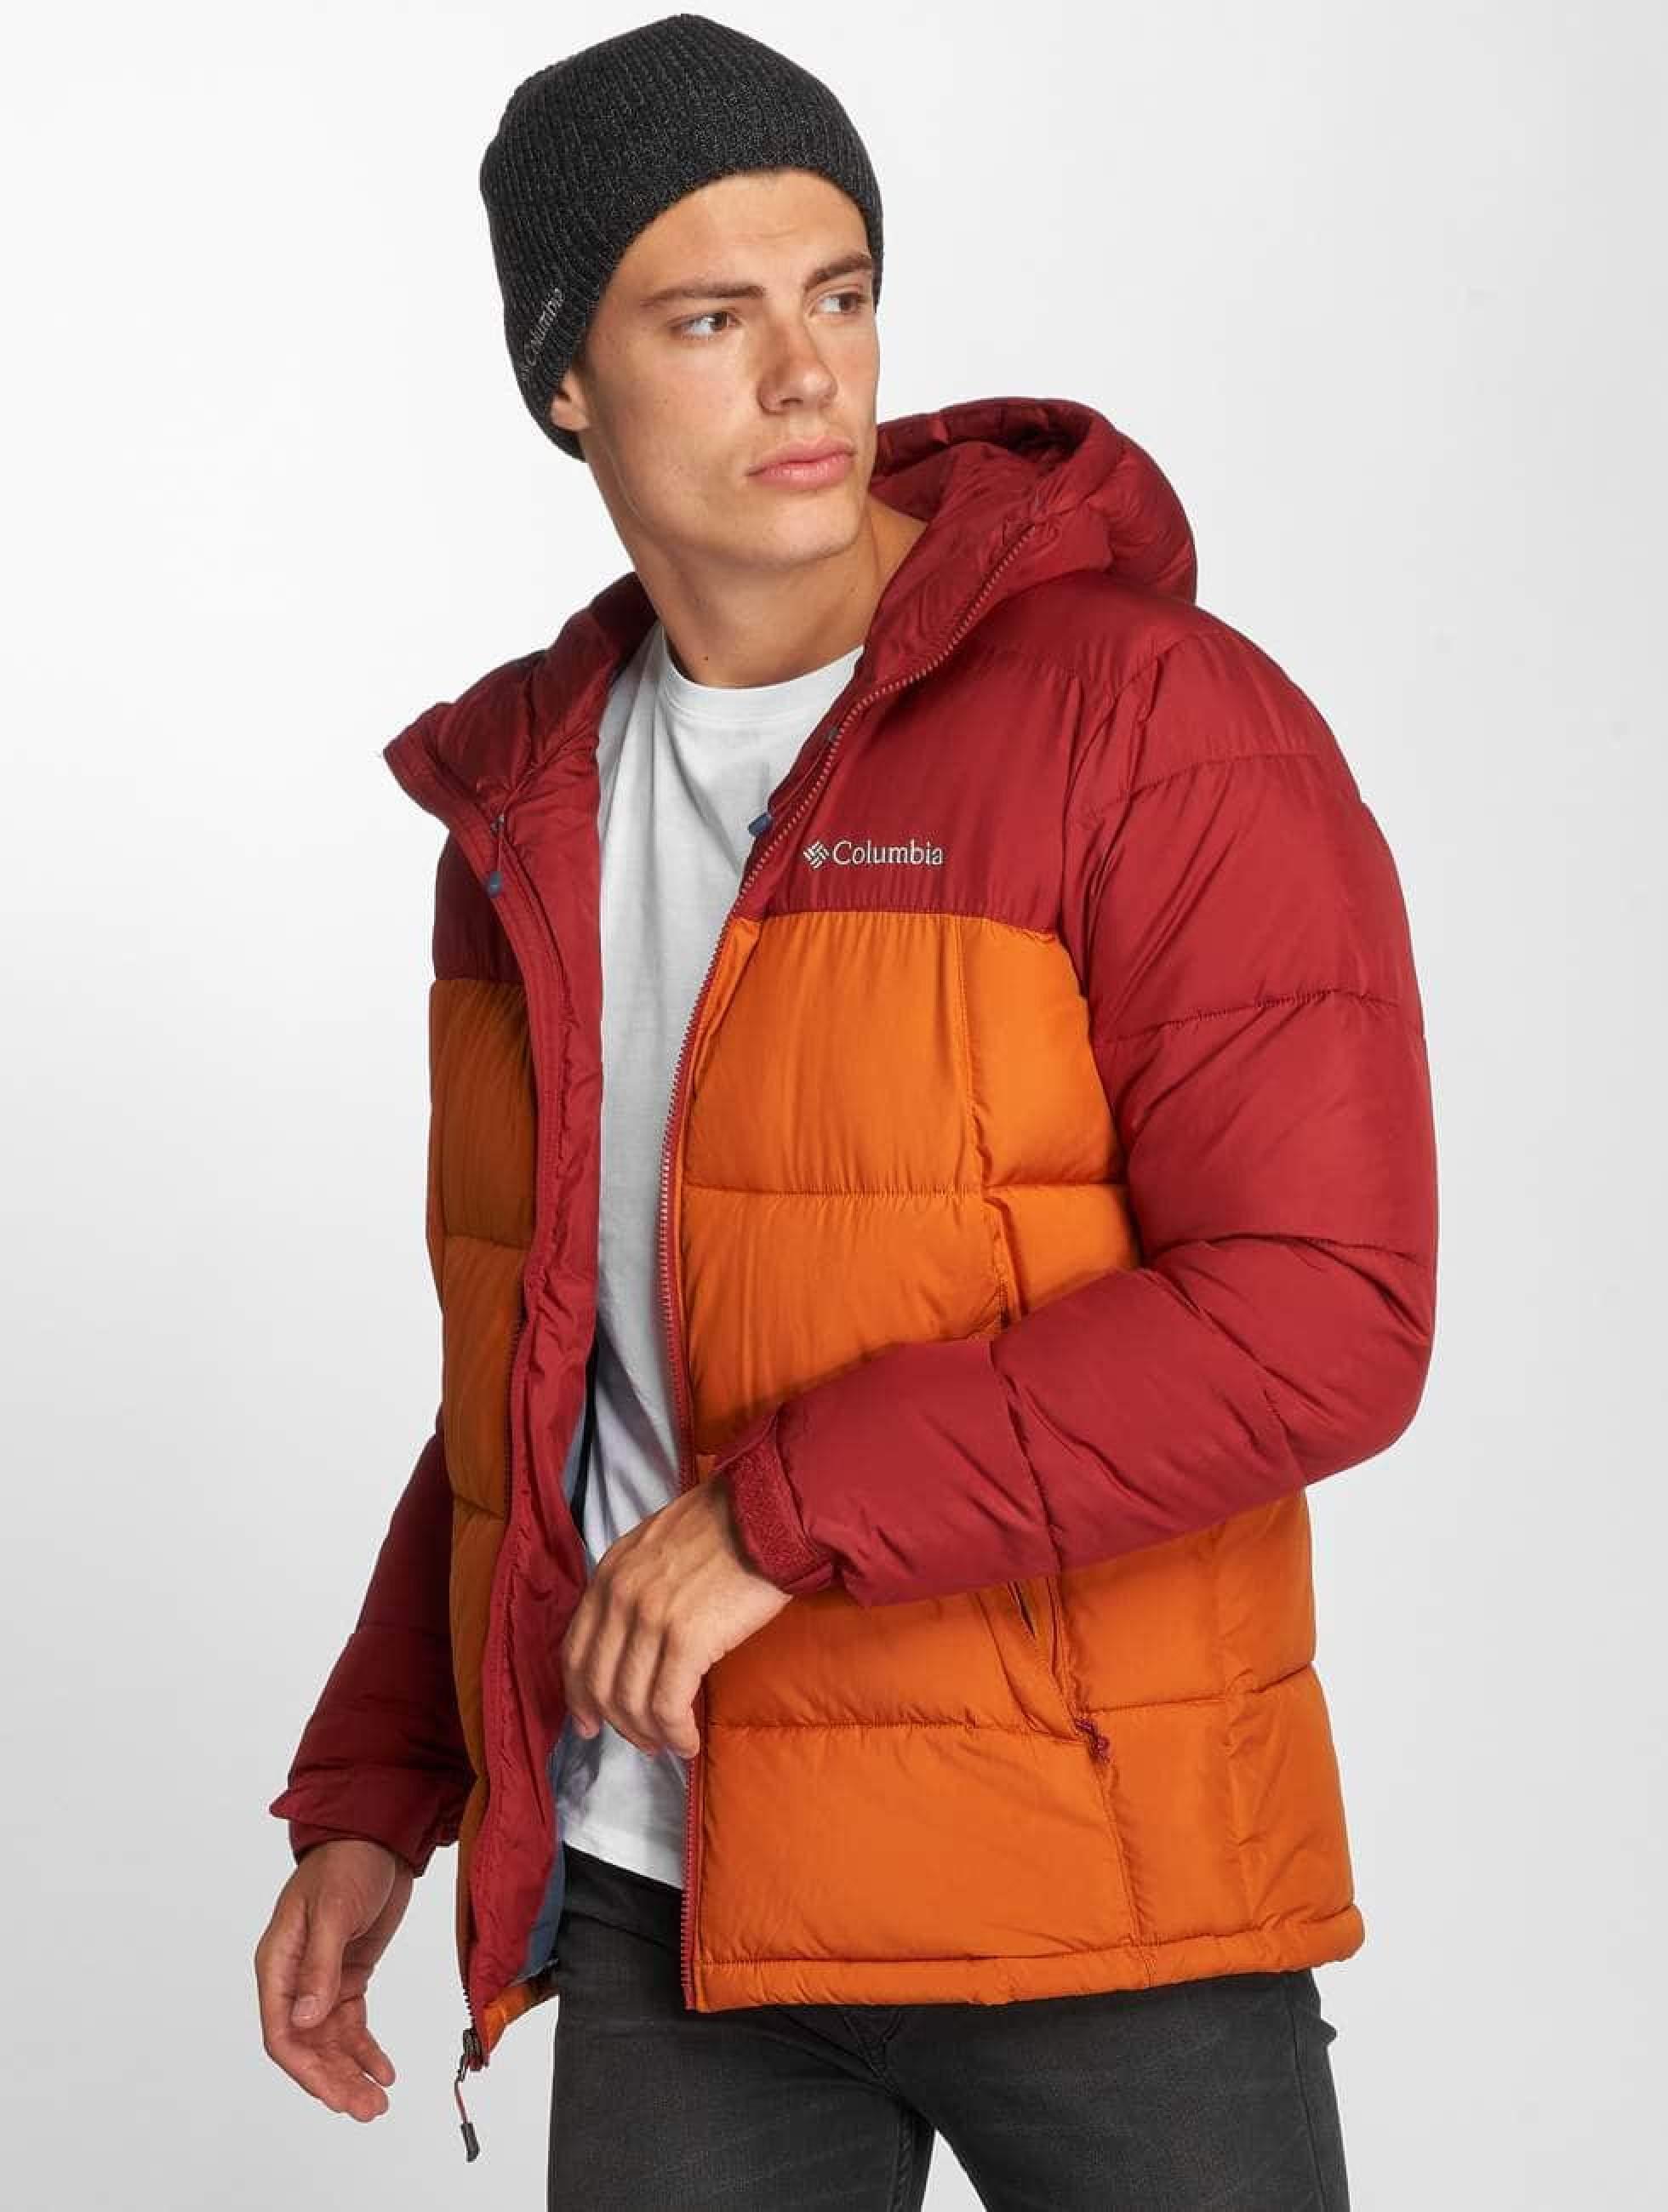 afcd3237920 Columbia jas / winterjas Pike Lake Hooded in rood 480409